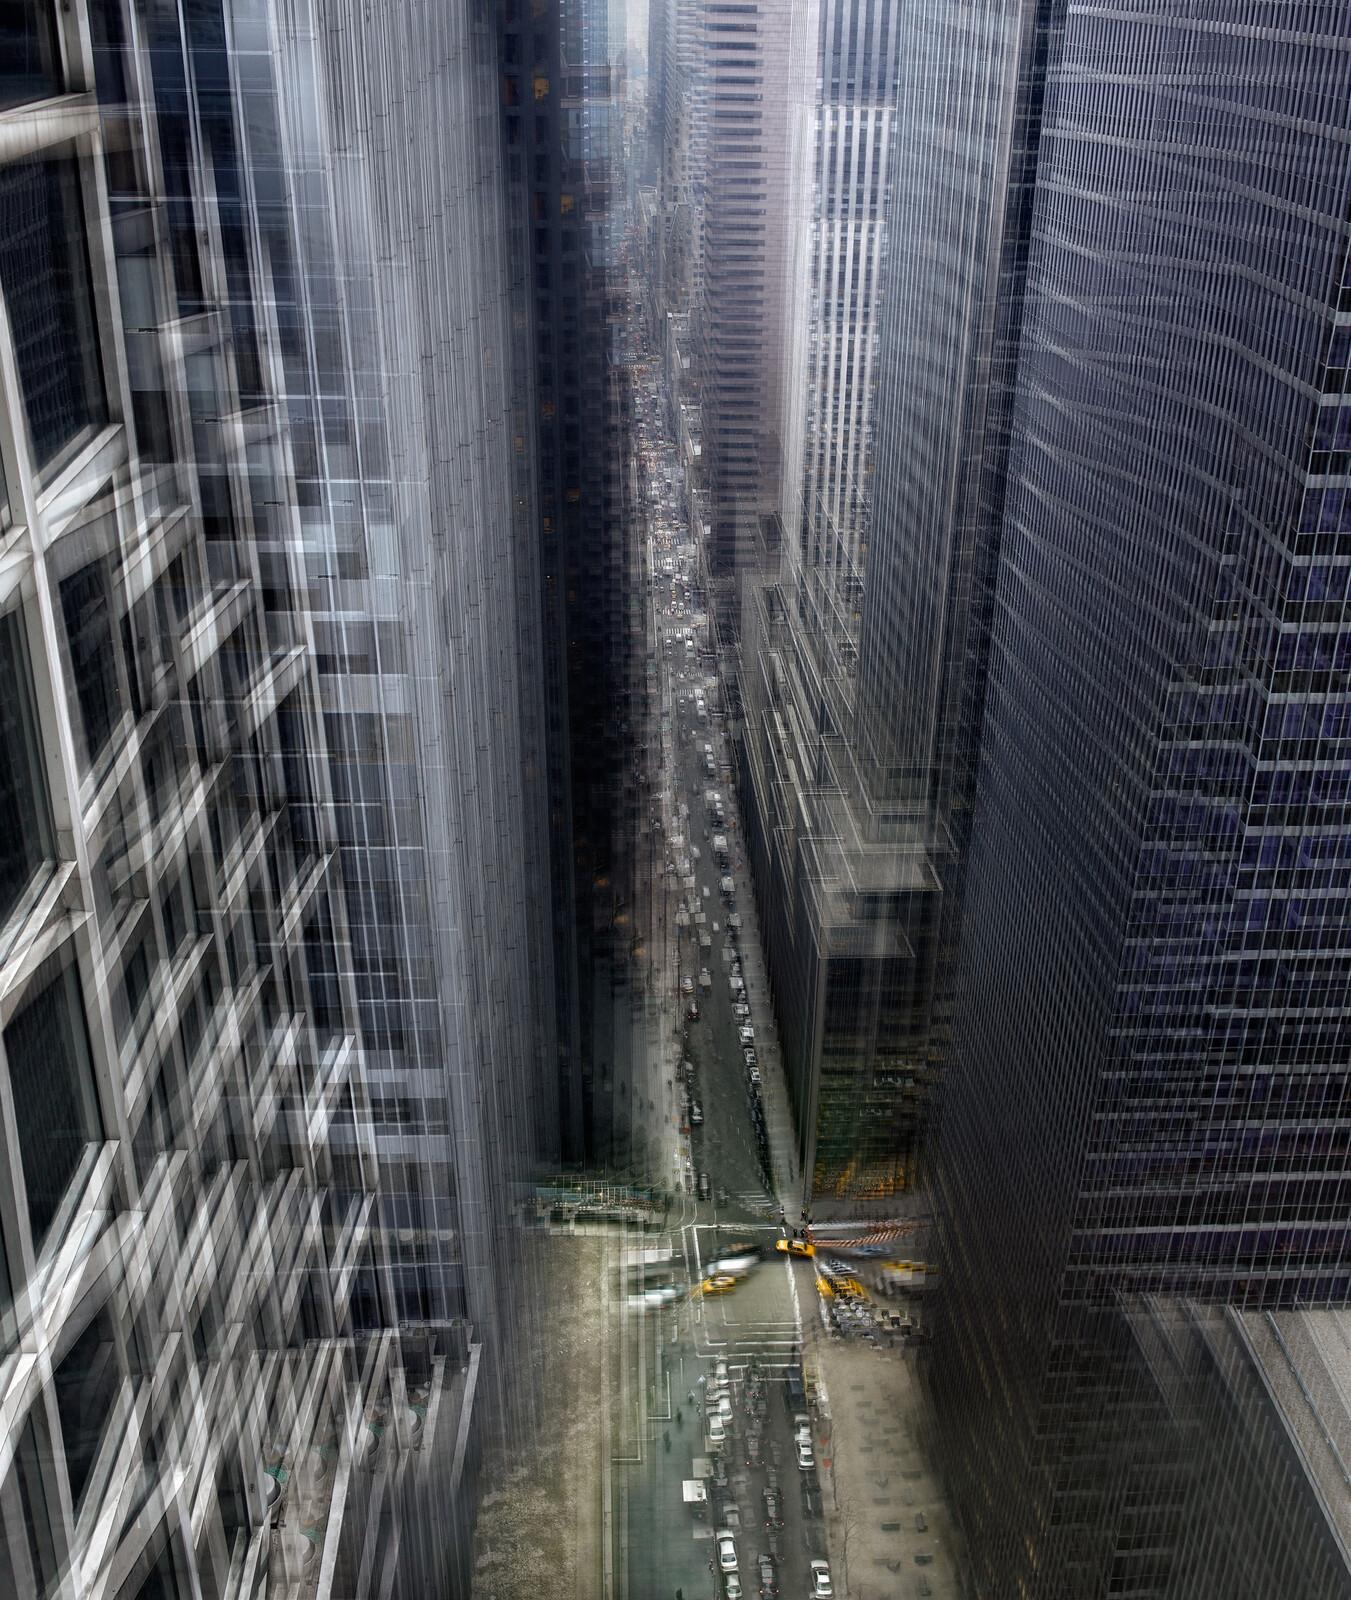 Taxi 2, NY - Alfonso Zubiaga